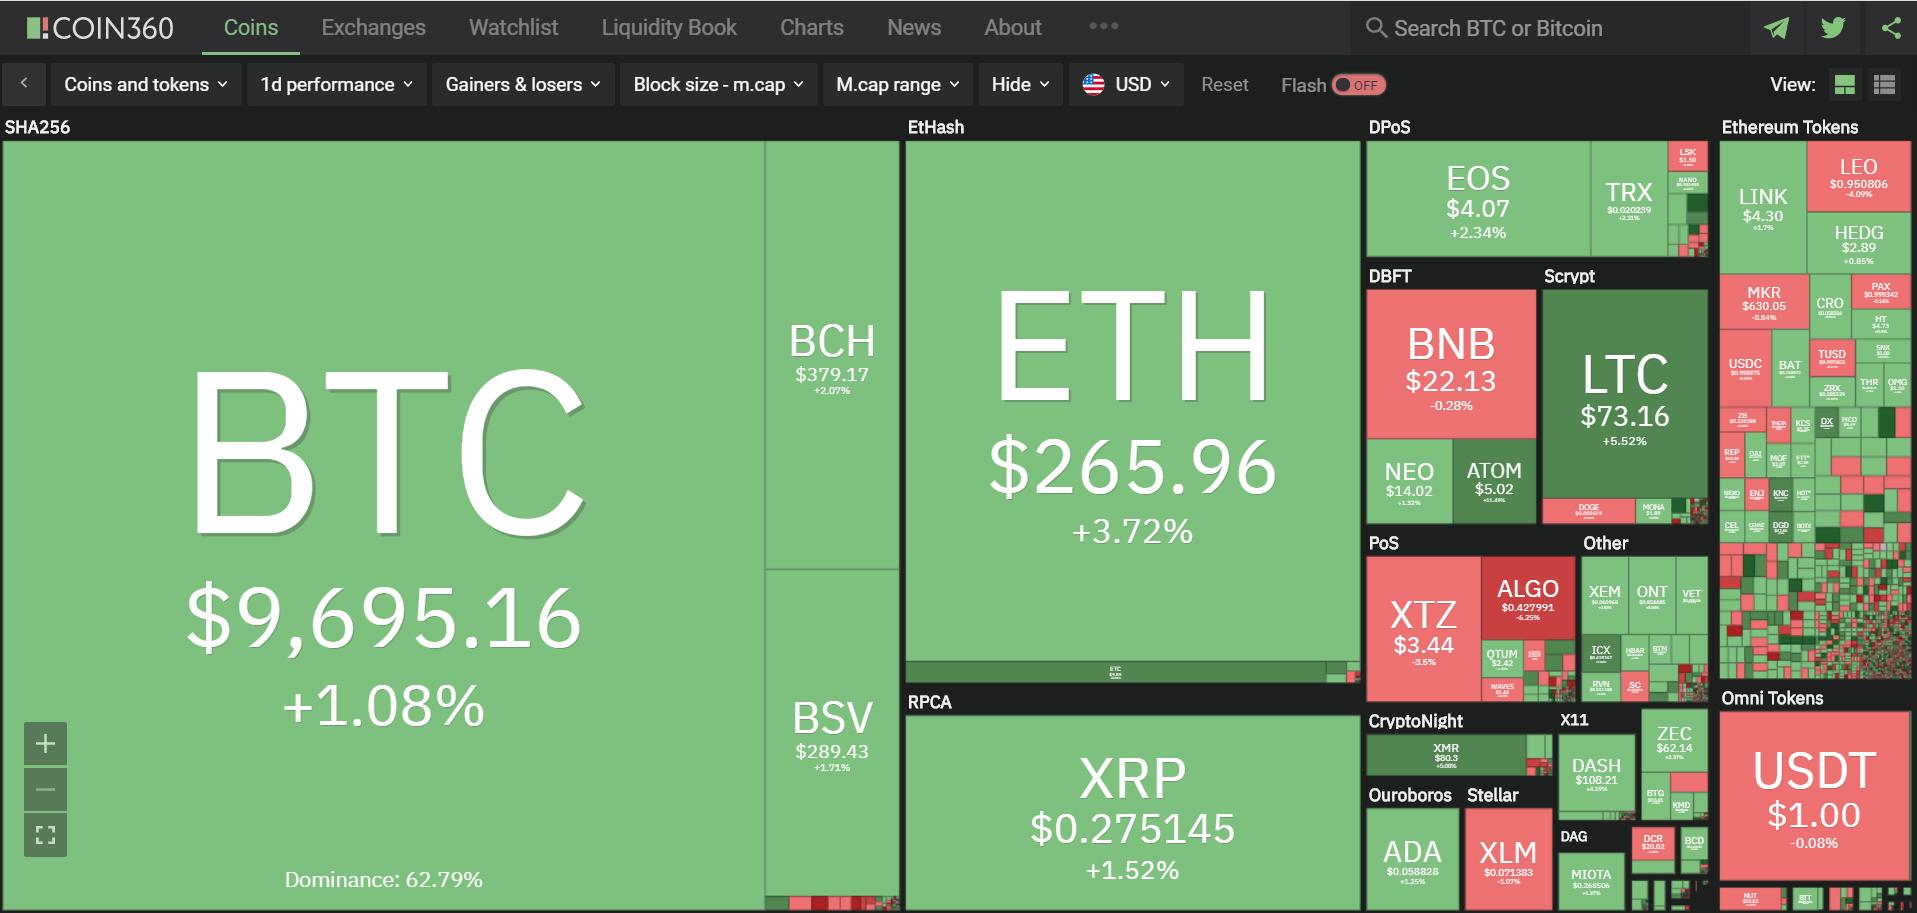 Toàn cảnh thị trường tiền kĩ thuật số hôm nay (22/2) (Nguồn: Coin360.com)